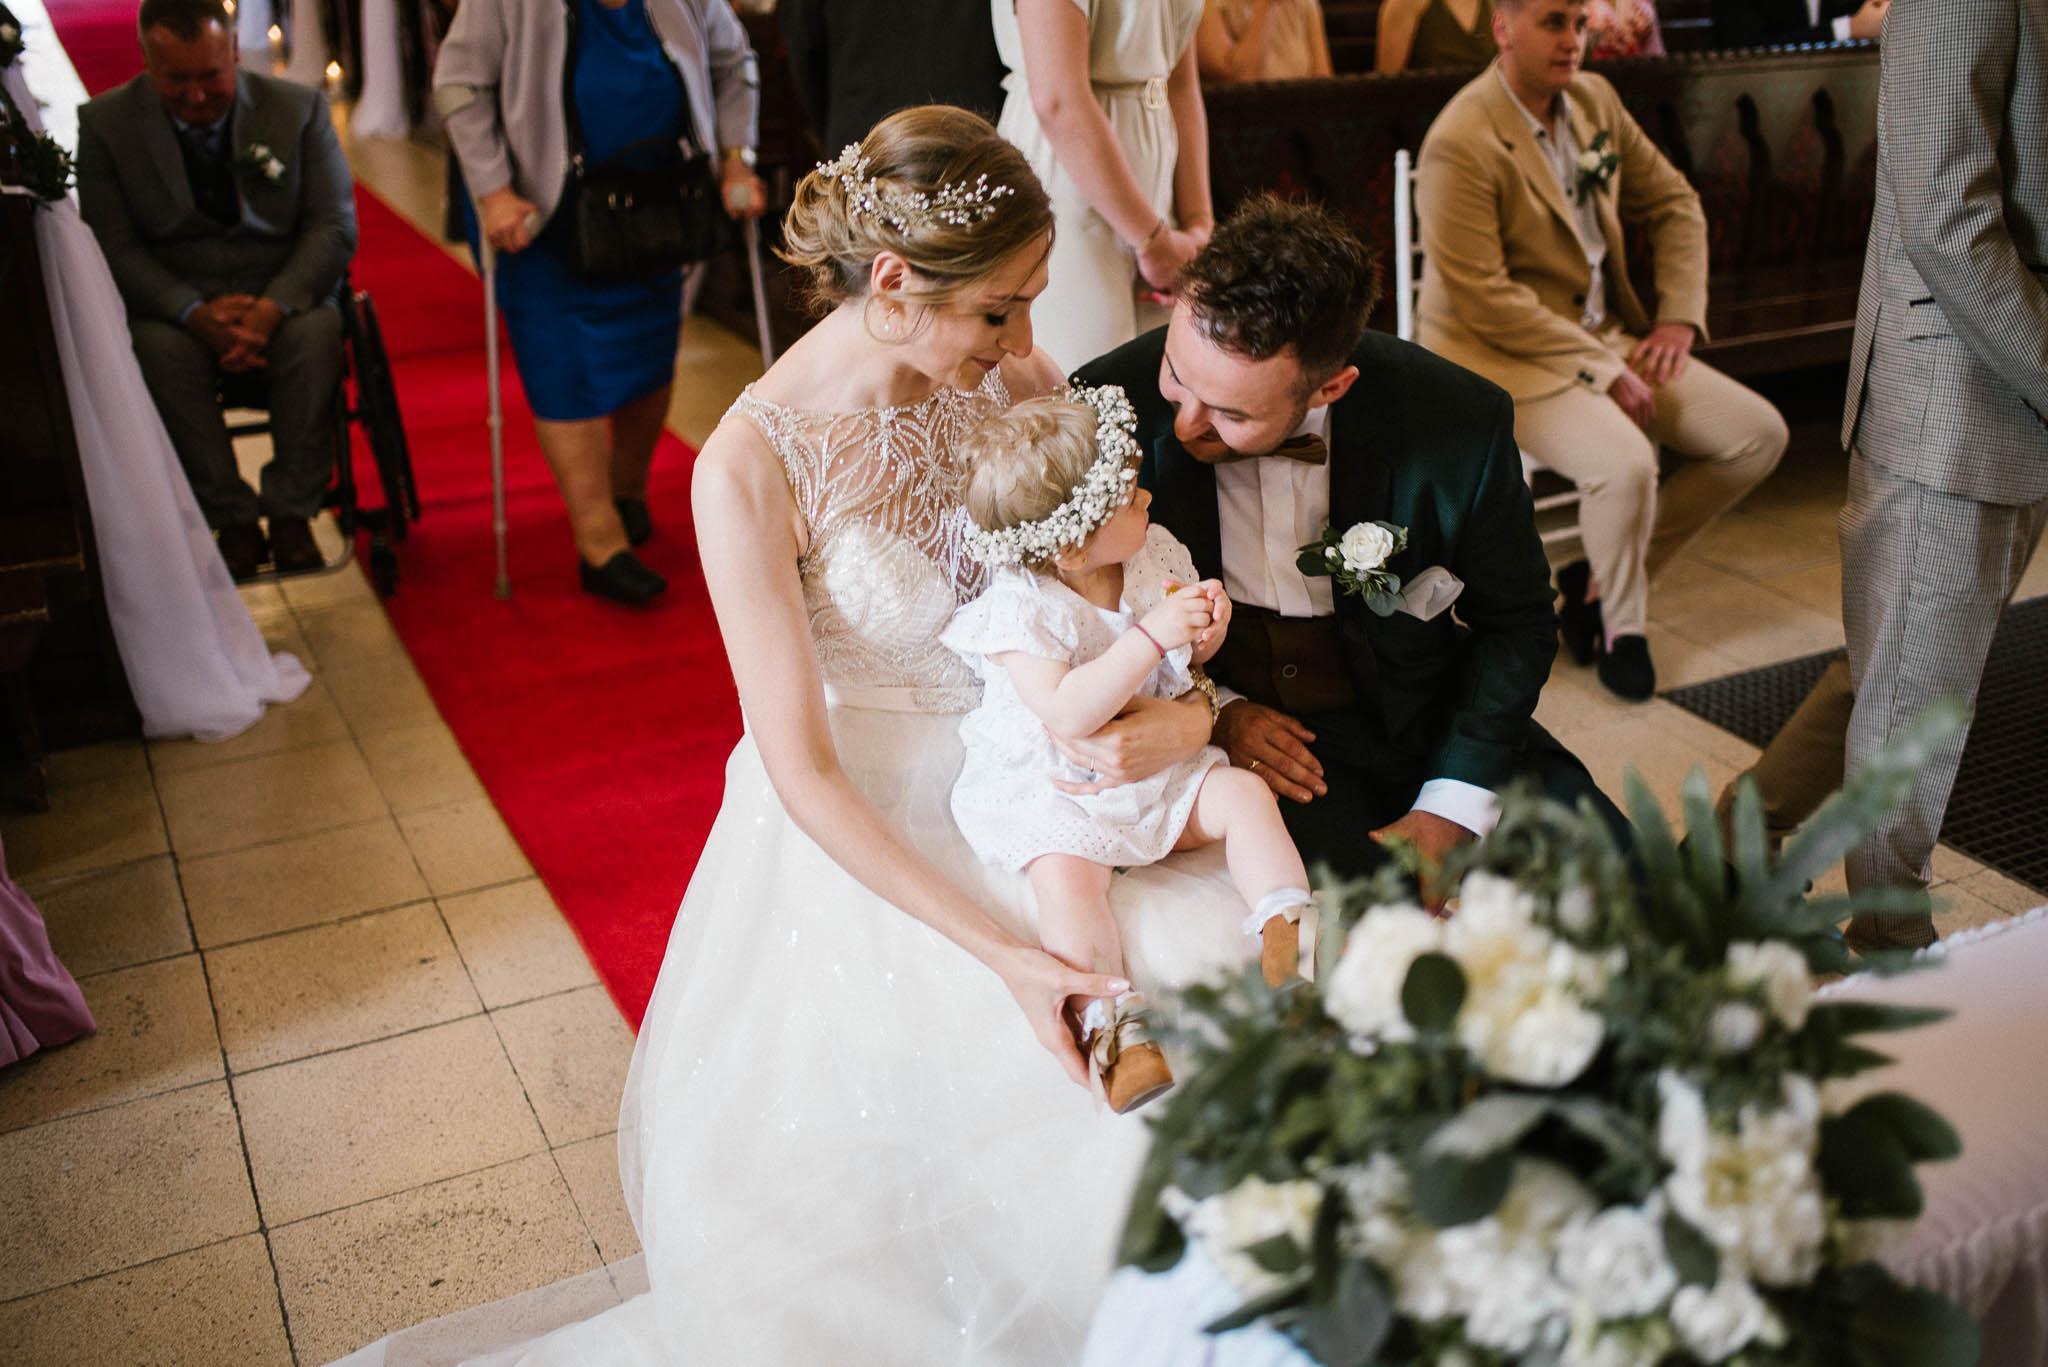 Córeczka z rodzicami siedzą przed ołtarzem -  ślub w Stodole Bojanowo